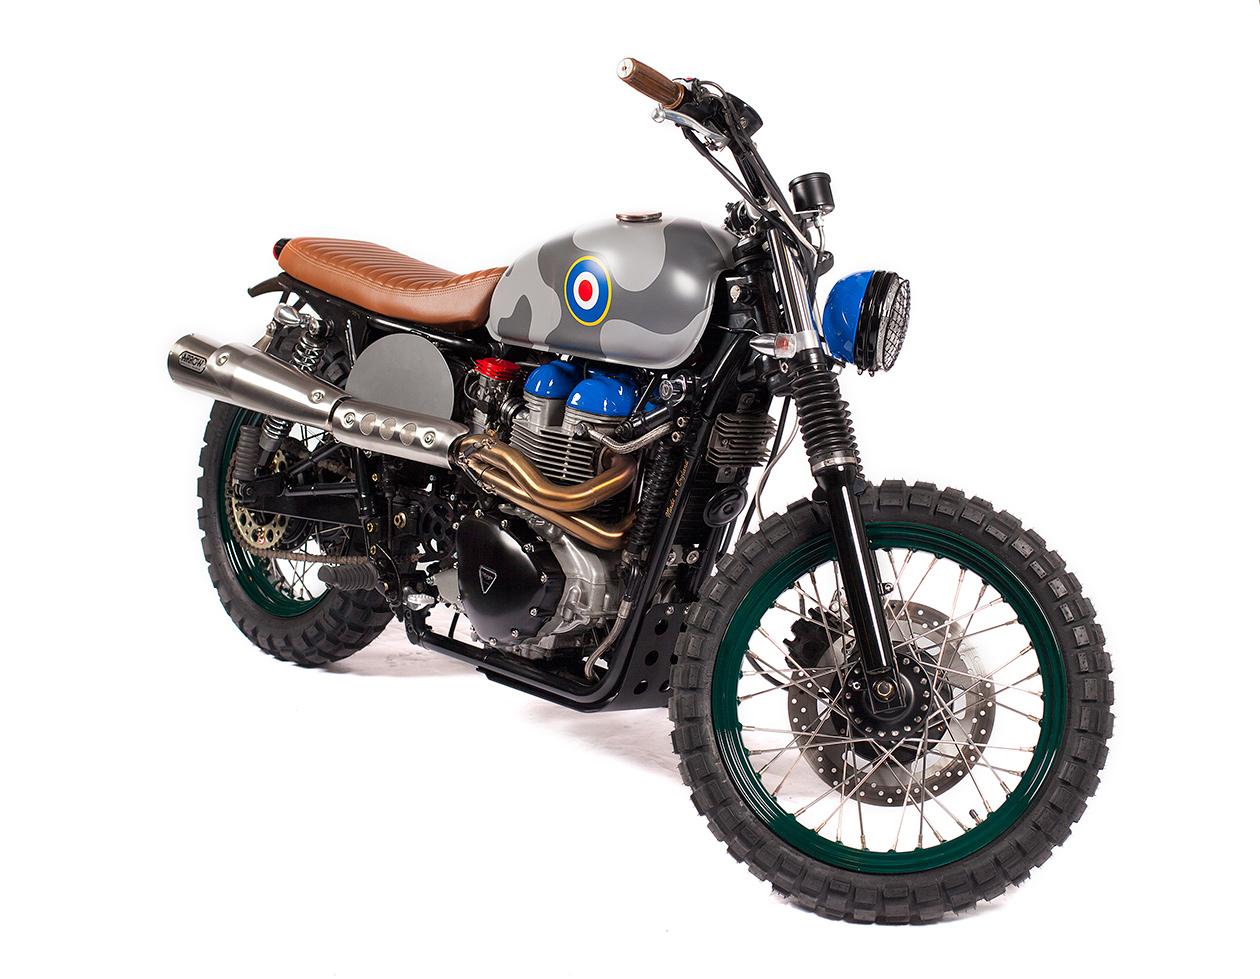 maria_motorcycles_triumph_bonneville_spitfire_2254